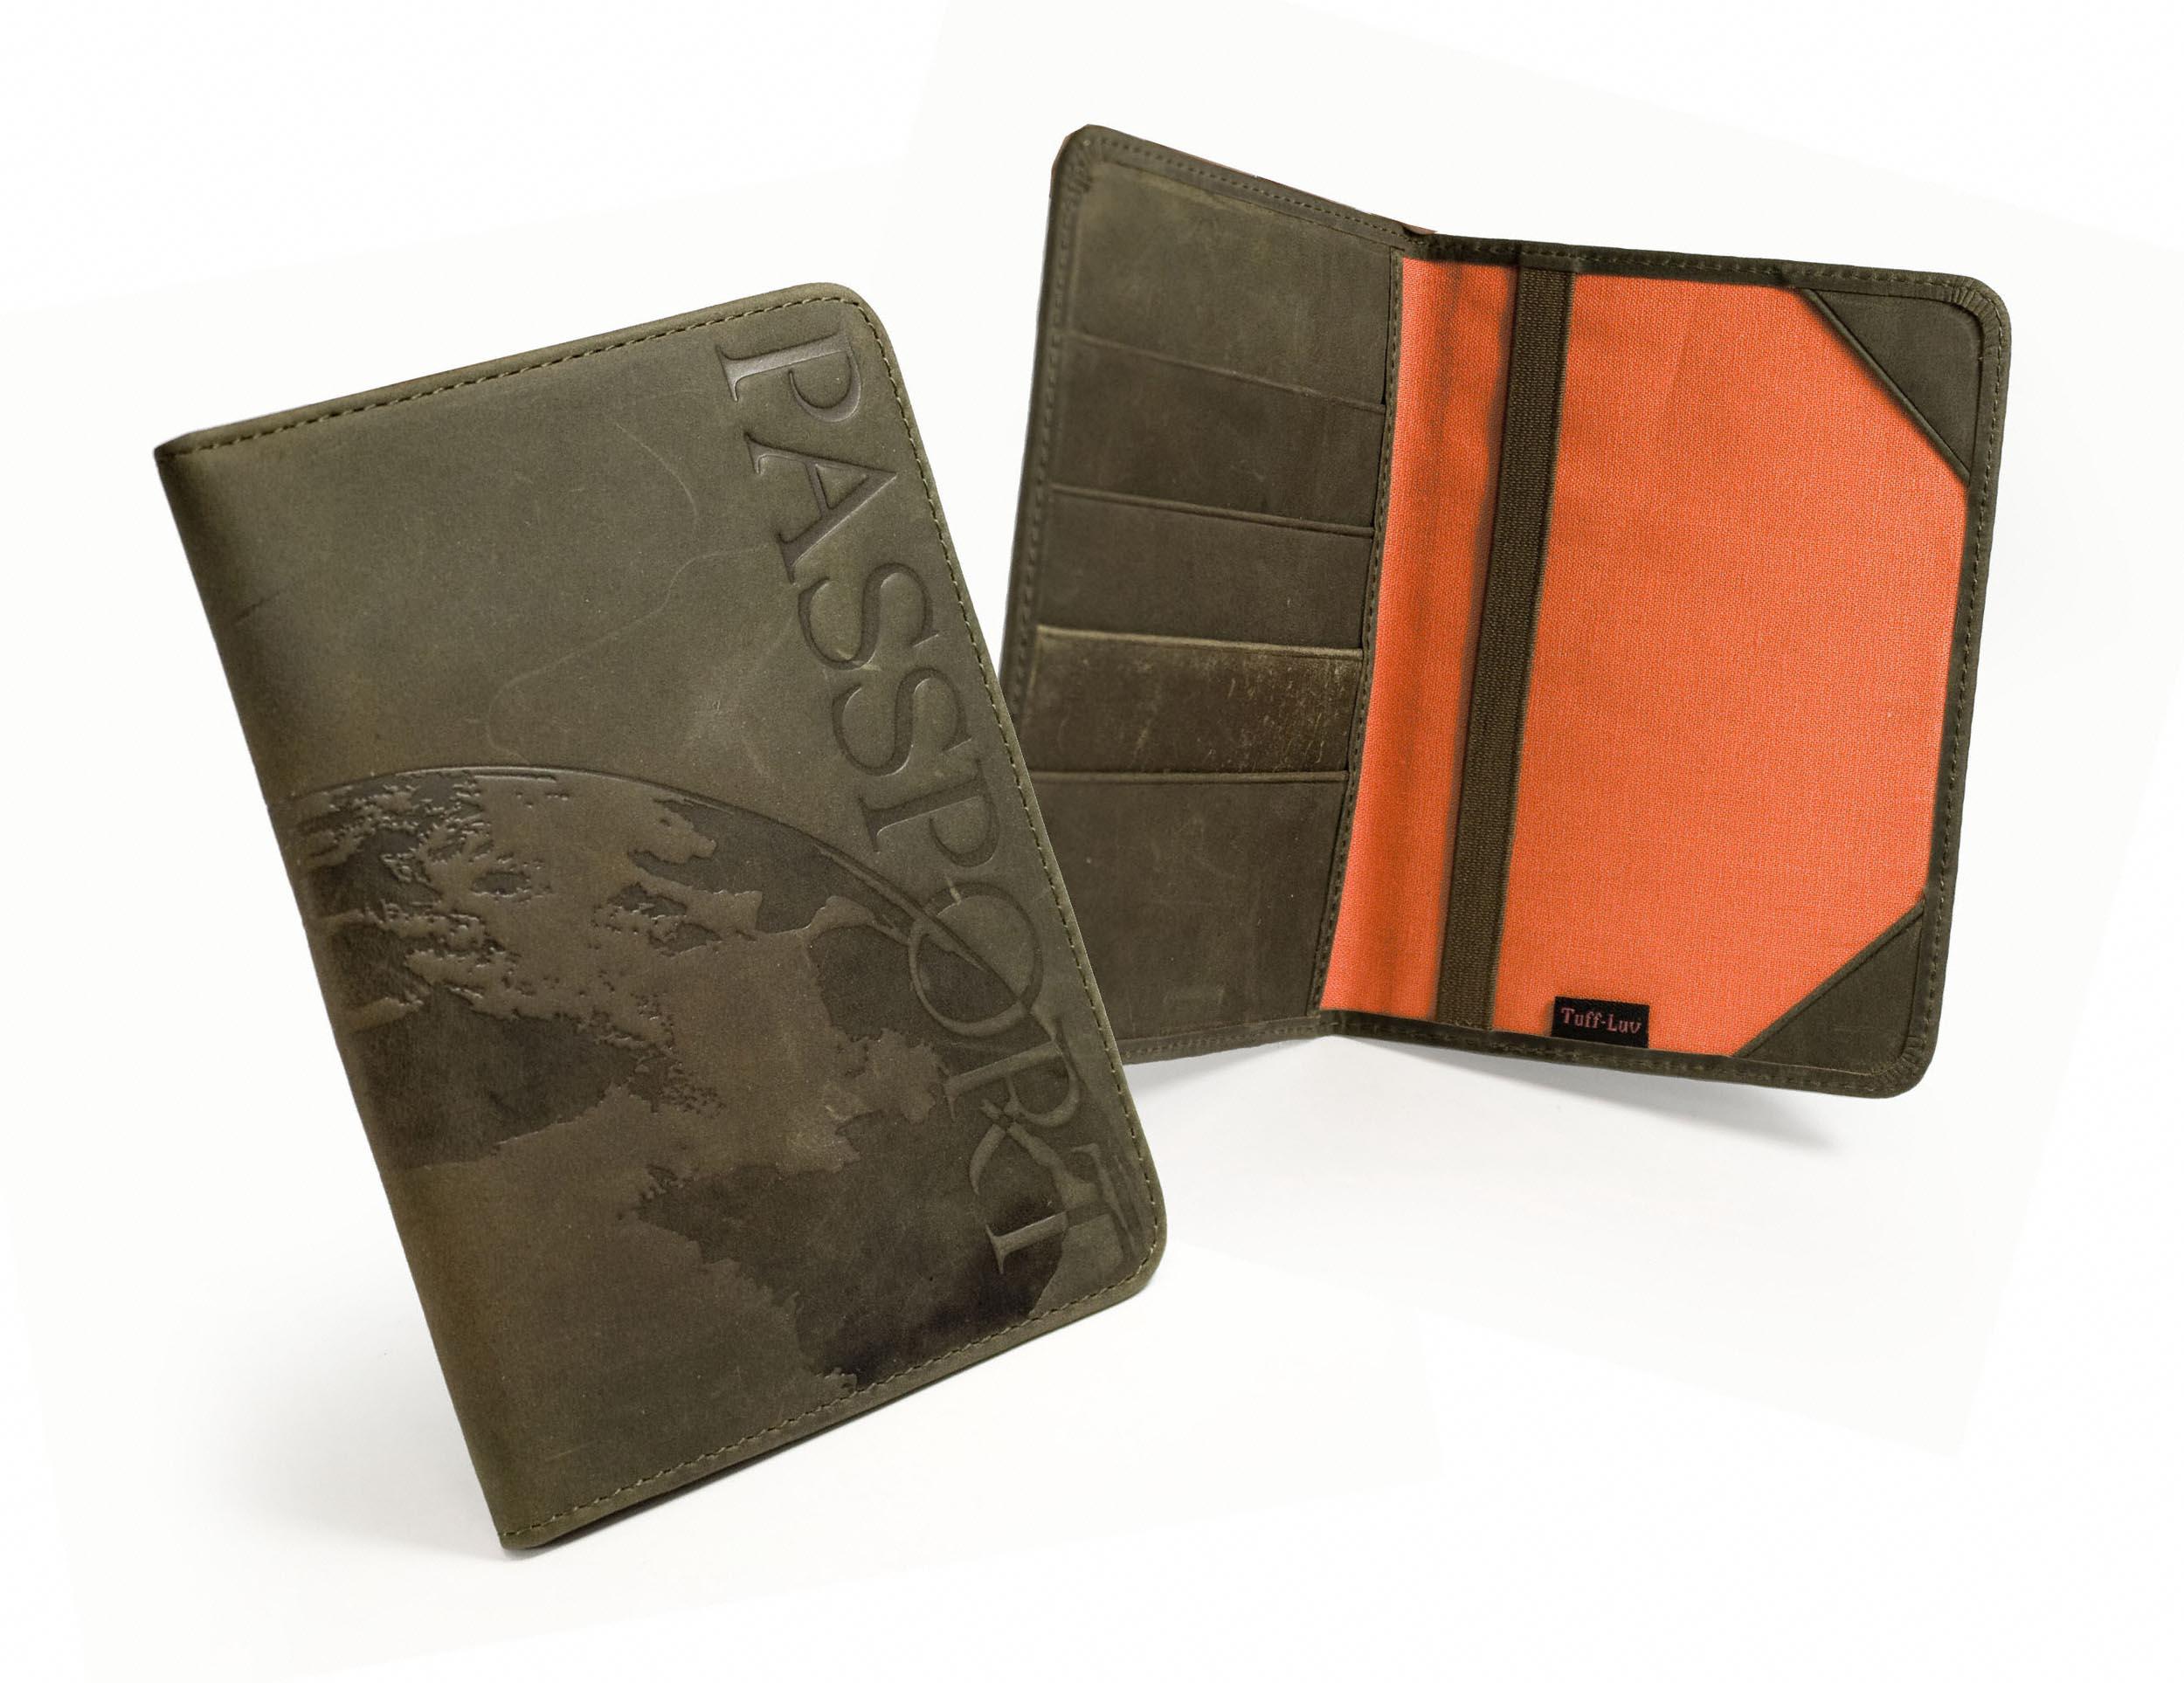 Details about saddleback leather passport wallet holder case brown